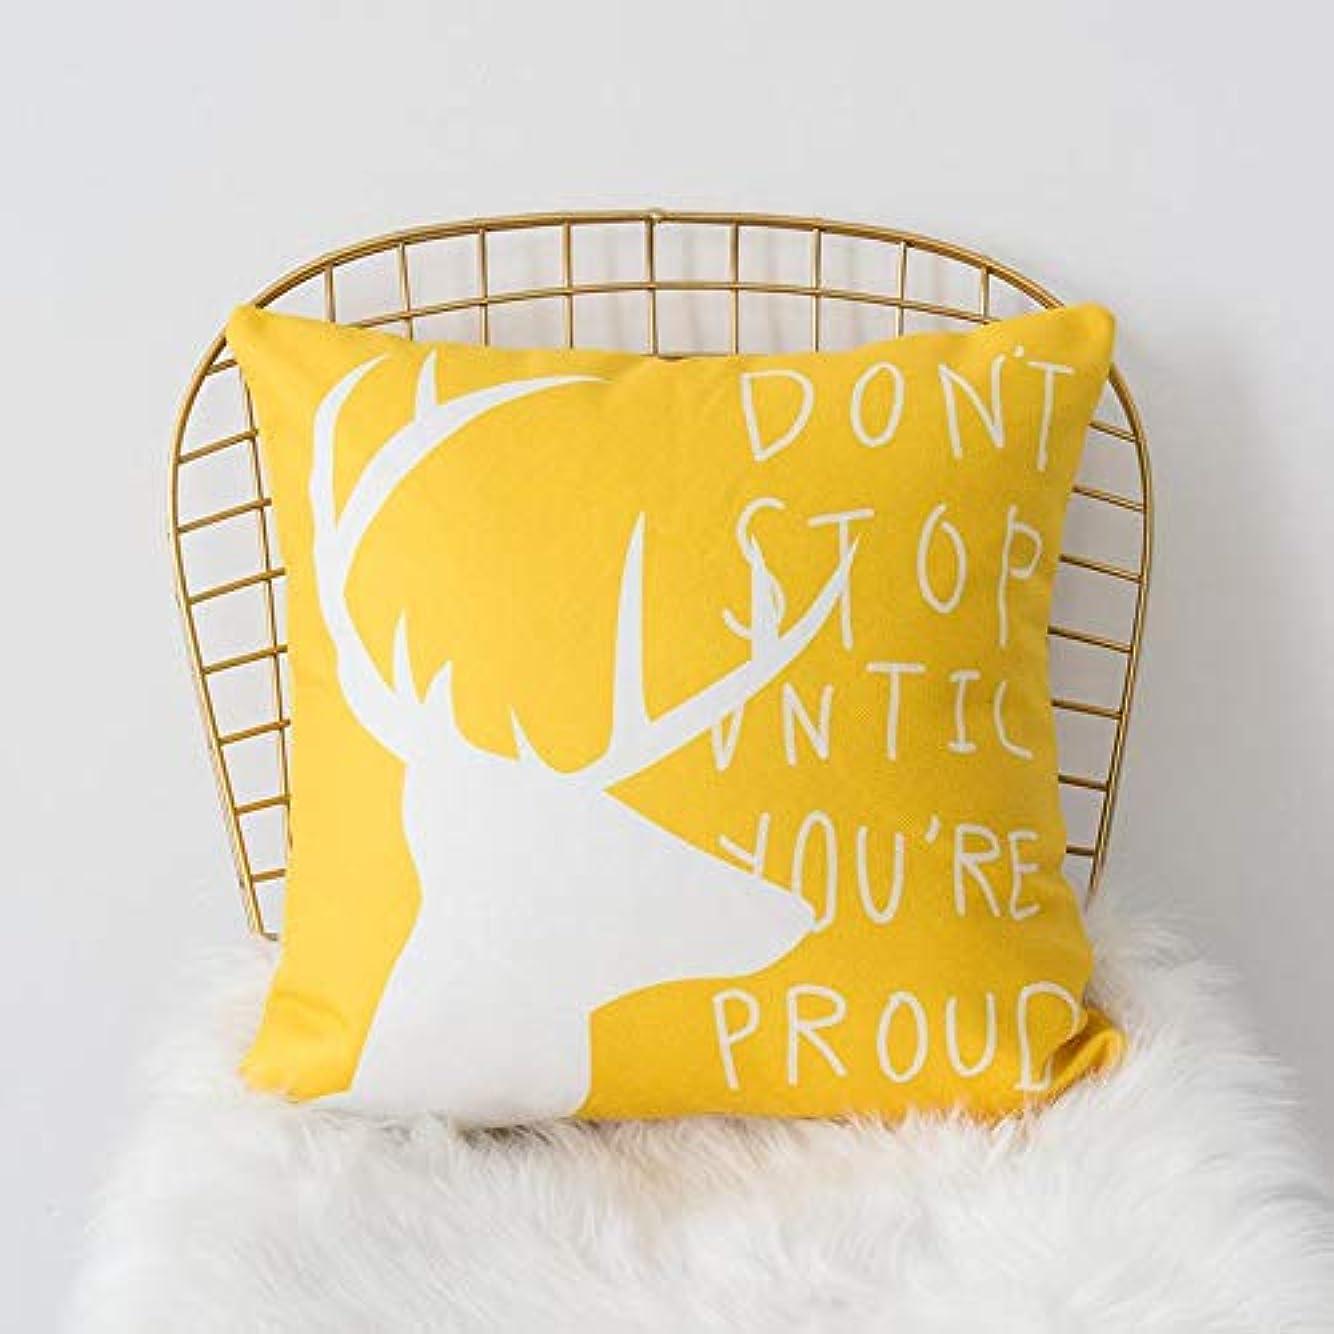 モディッシュ主婦スクランブルSMART 黄色グレー枕北欧スタイル黄色ヘラジカ幾何枕リビングルームのインテリアソファクッション Cojines 装飾良質 クッション 椅子